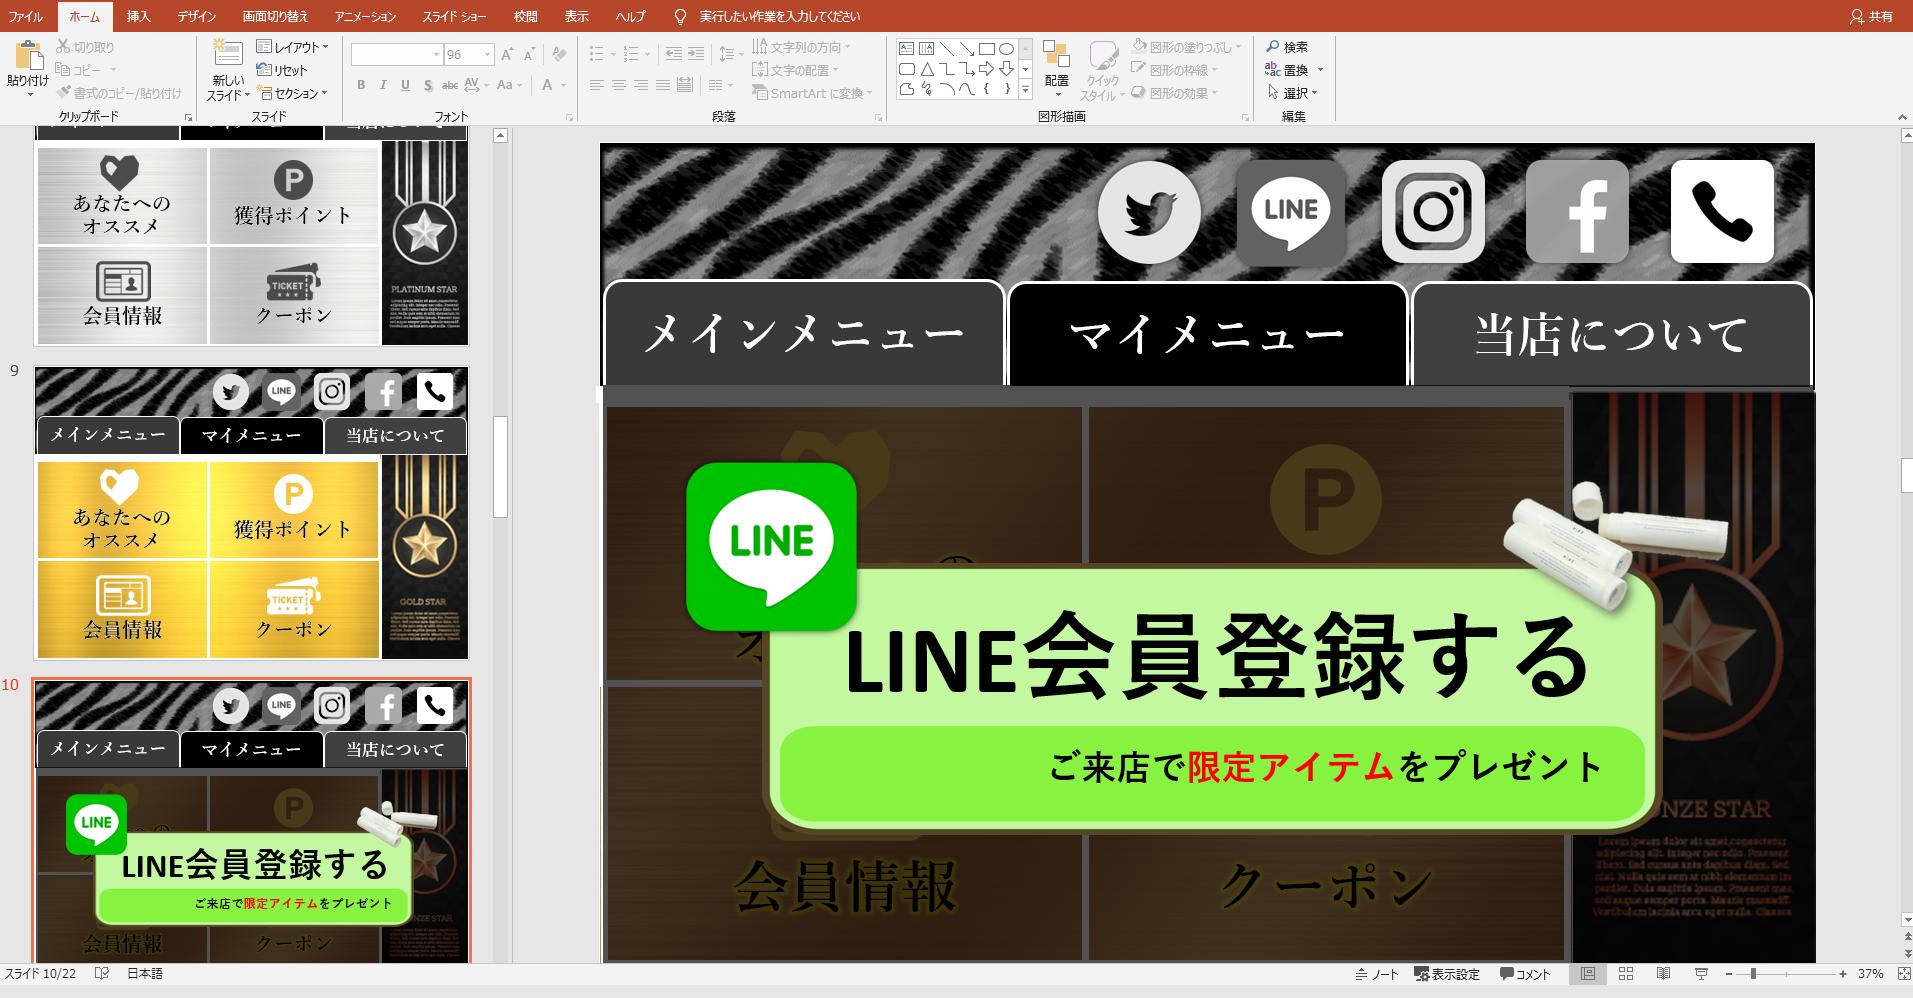 リッチメニュー 事例,リッチメニュー 作り方,LINE公式アカウント 事例